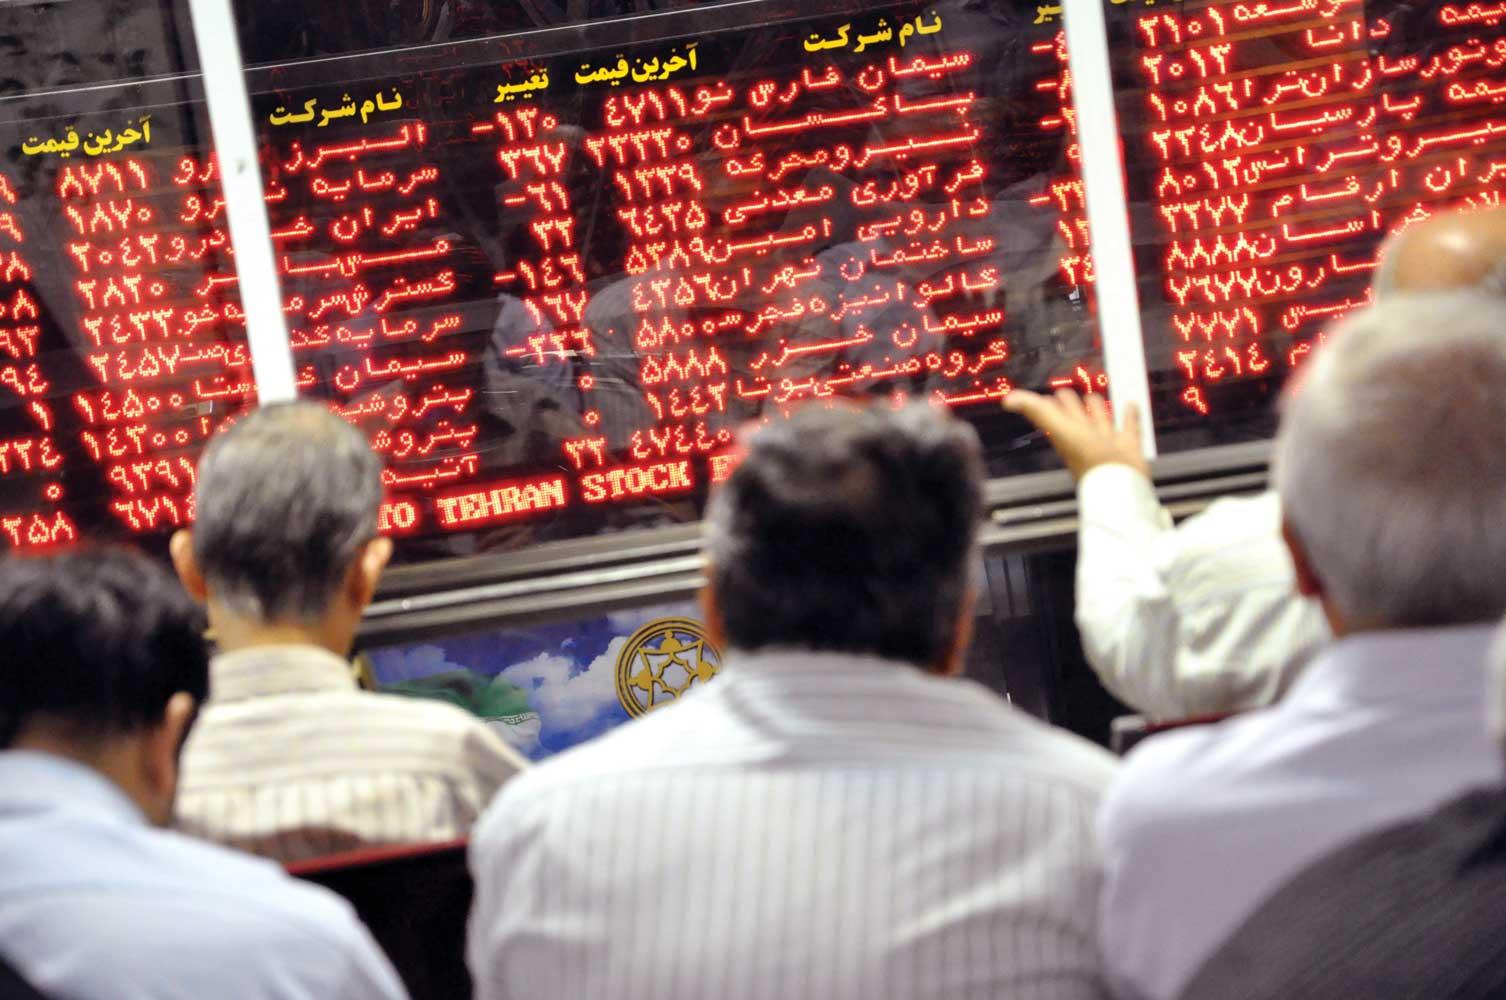 گزارش خبرگزاری دانشجو از تالار شیشه ای/ شاخص بورس ۱۲۸ واحد سقوط کرد